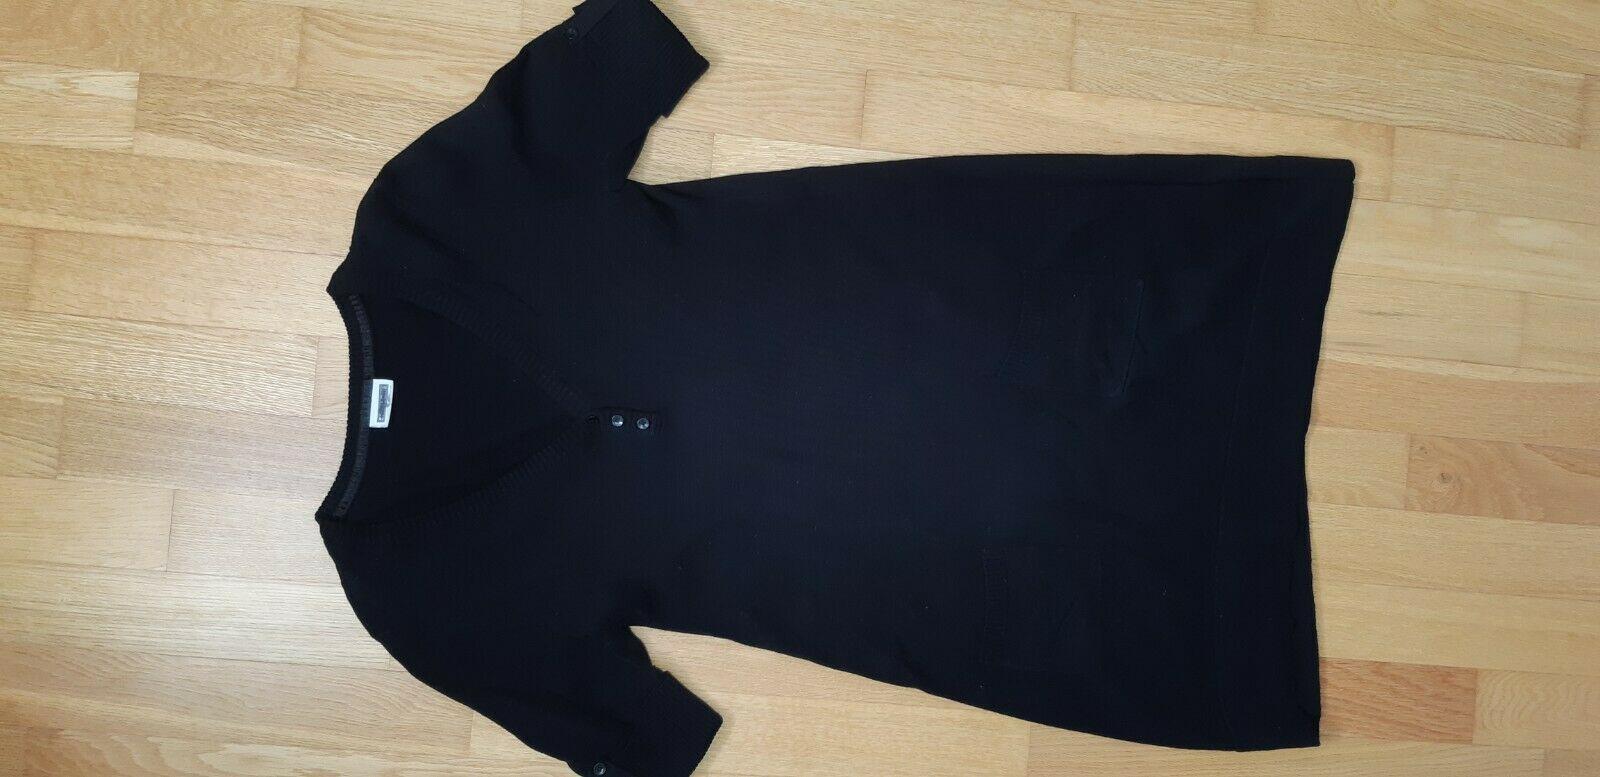 Street One Damen Kleid Schwarz Sommer Strick Gr 36 Strickkleid Ideas Of Strickkleid Strickkleid Strickkleid In 2019 Strickkleid Kleid Etui Und Stricken